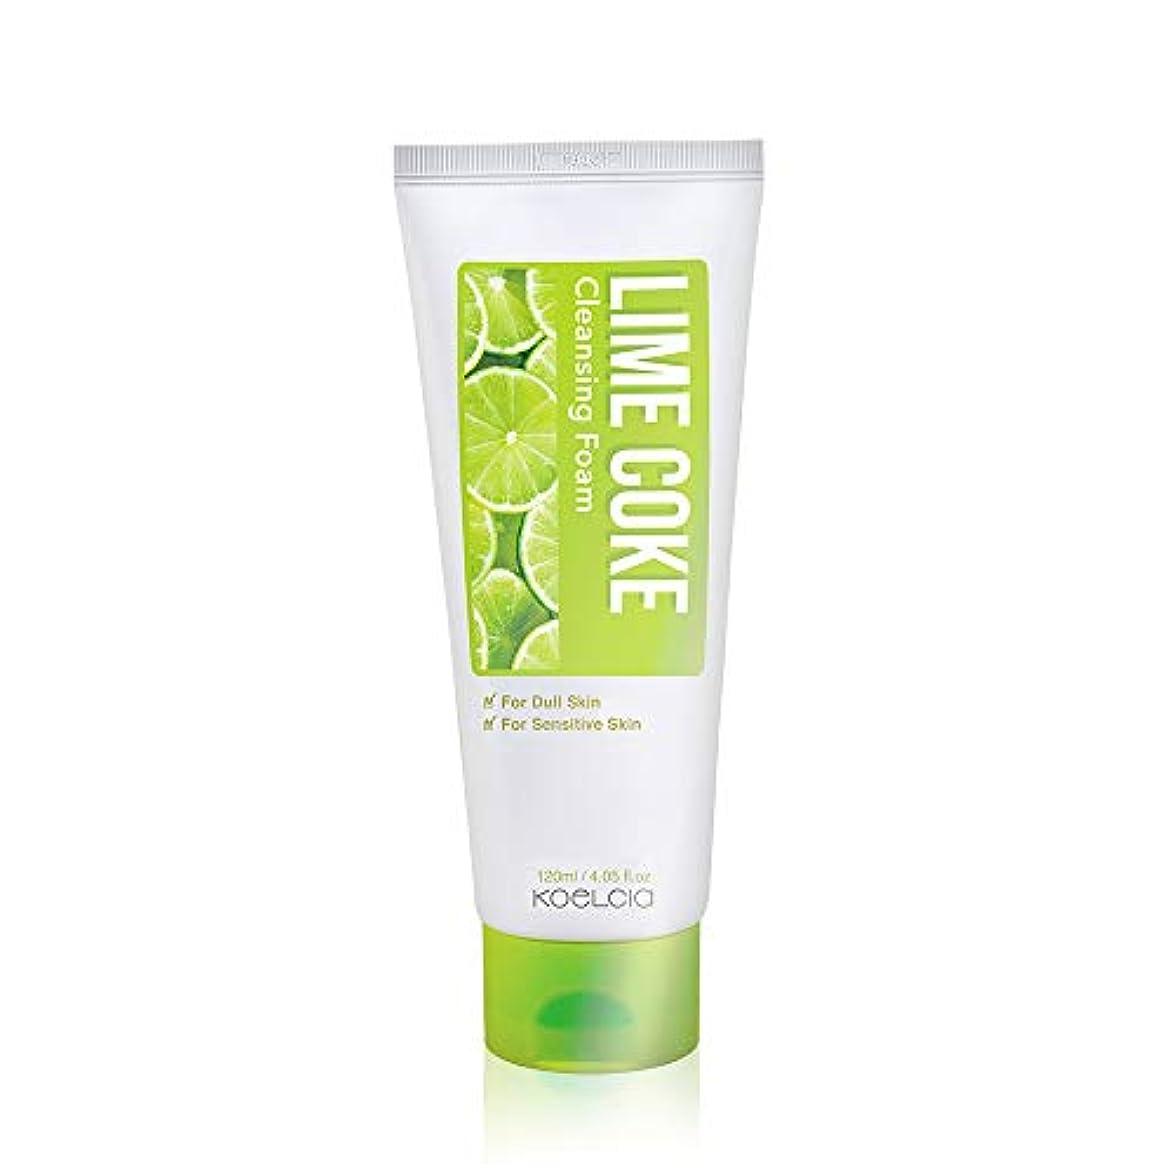 シャイニング後方にしかしKOELCIA Lime Coke Cleansing Foam 120ml/コエルシア ライム コーク クレンジングフォーム 120ml/Korea Cosmetics